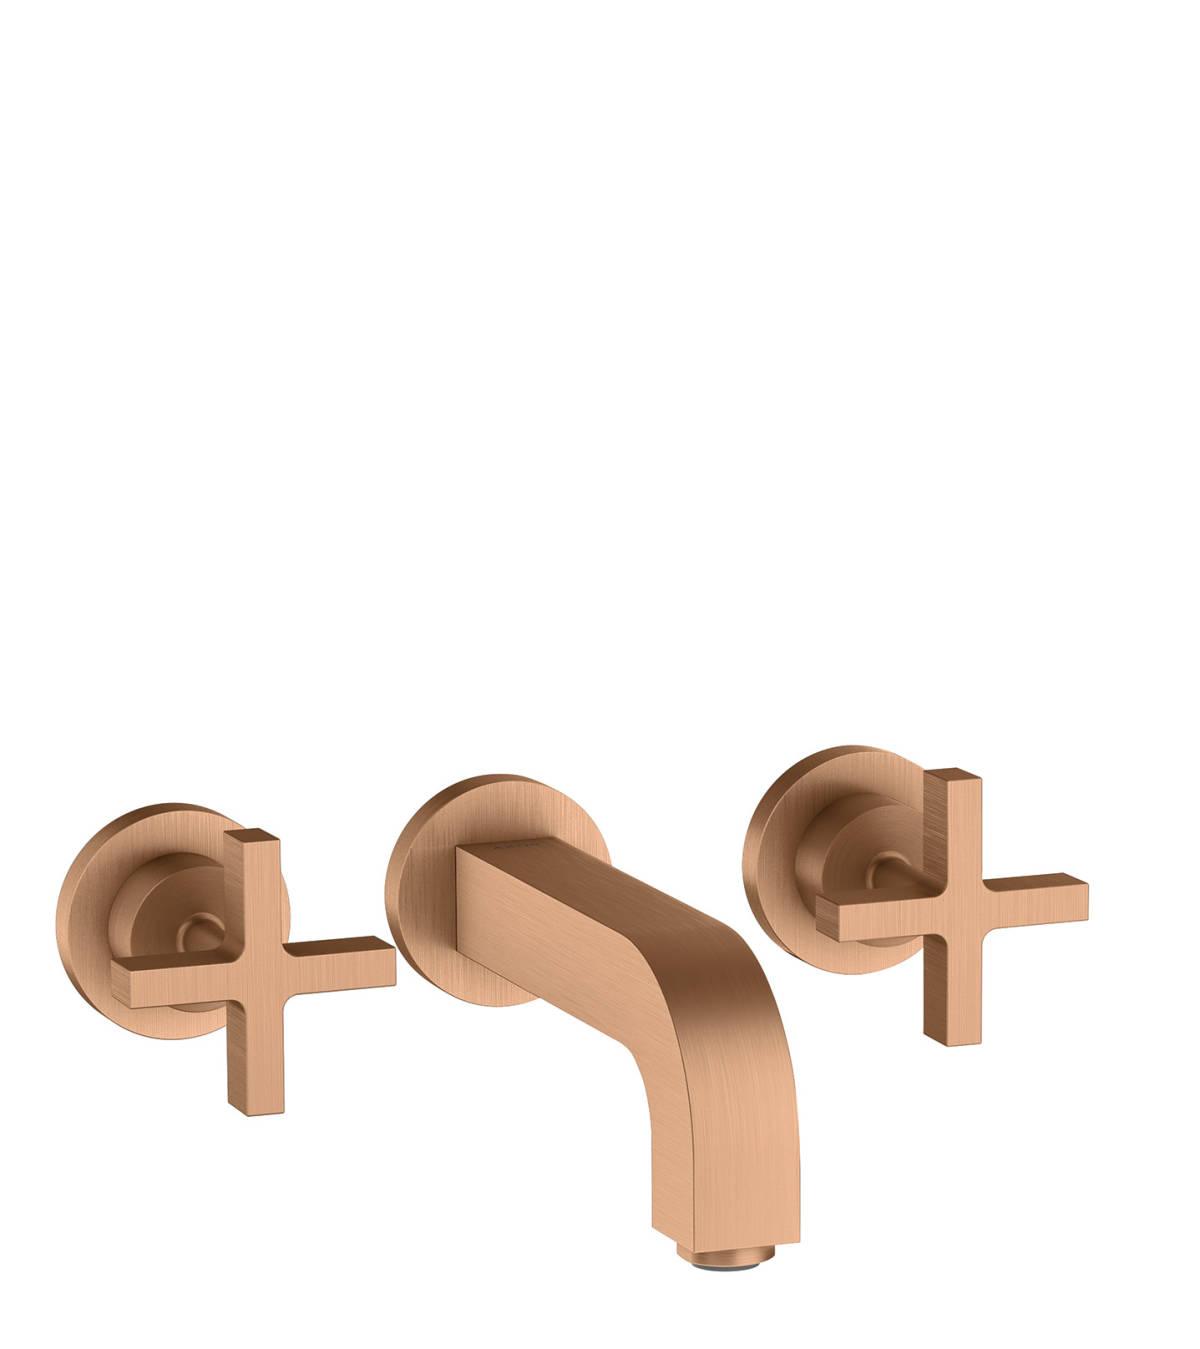 Grifería de lavabo empotrada de 3 agujeros con caños 162 mm y manecillas de cruceta, bronce cepillado, 39313140